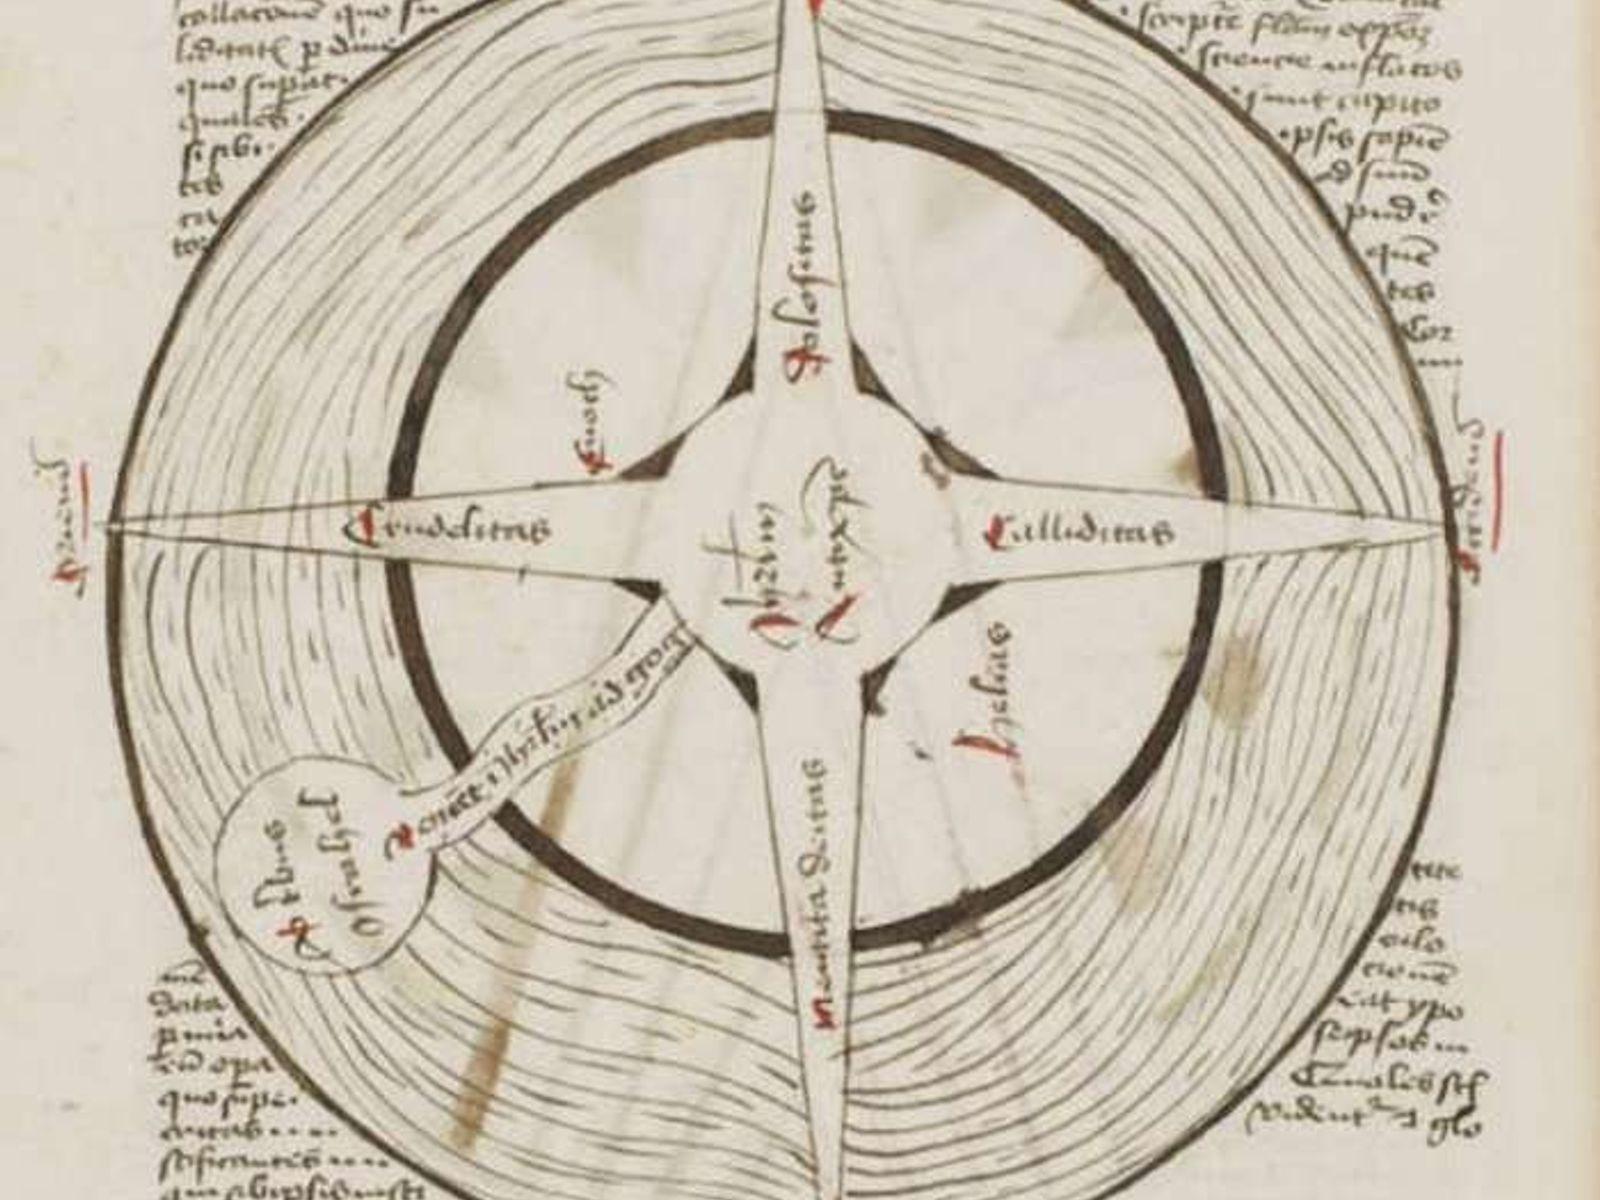 Selon le manuscrit, les quatre cornes de l'Antéchrist devaient s'étendre jusqu'aux extrémités de la Terre entre ...